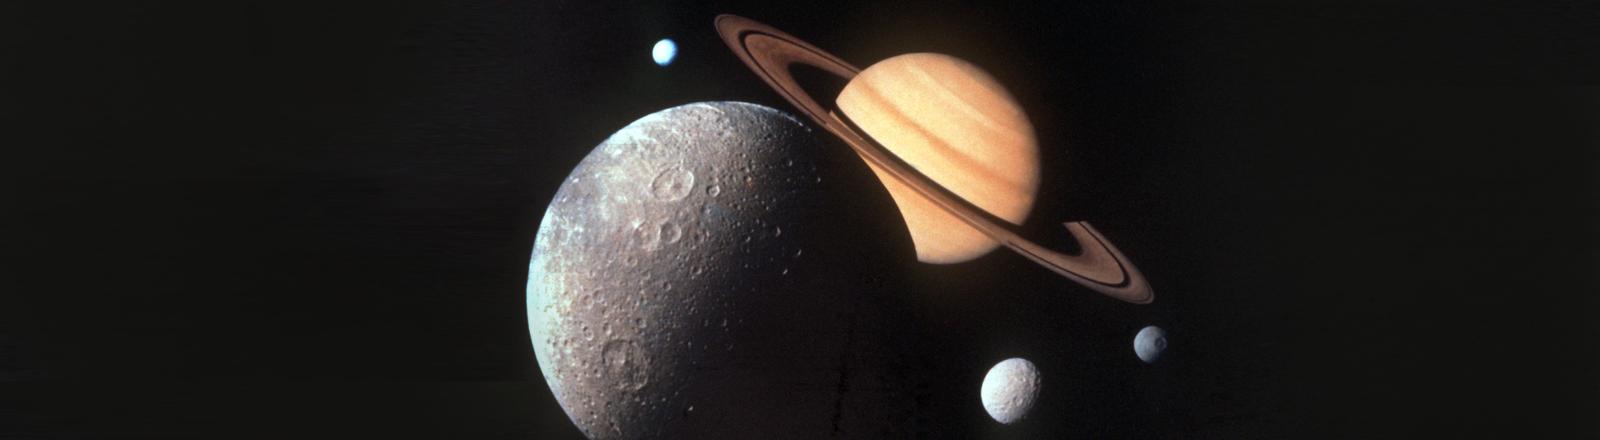 Fotomontage des Saturnsystems, von der Sonde Voyager 1 der US-Raumfahrtbehörde NASA am 18. Oktober 1980 übermittelt.